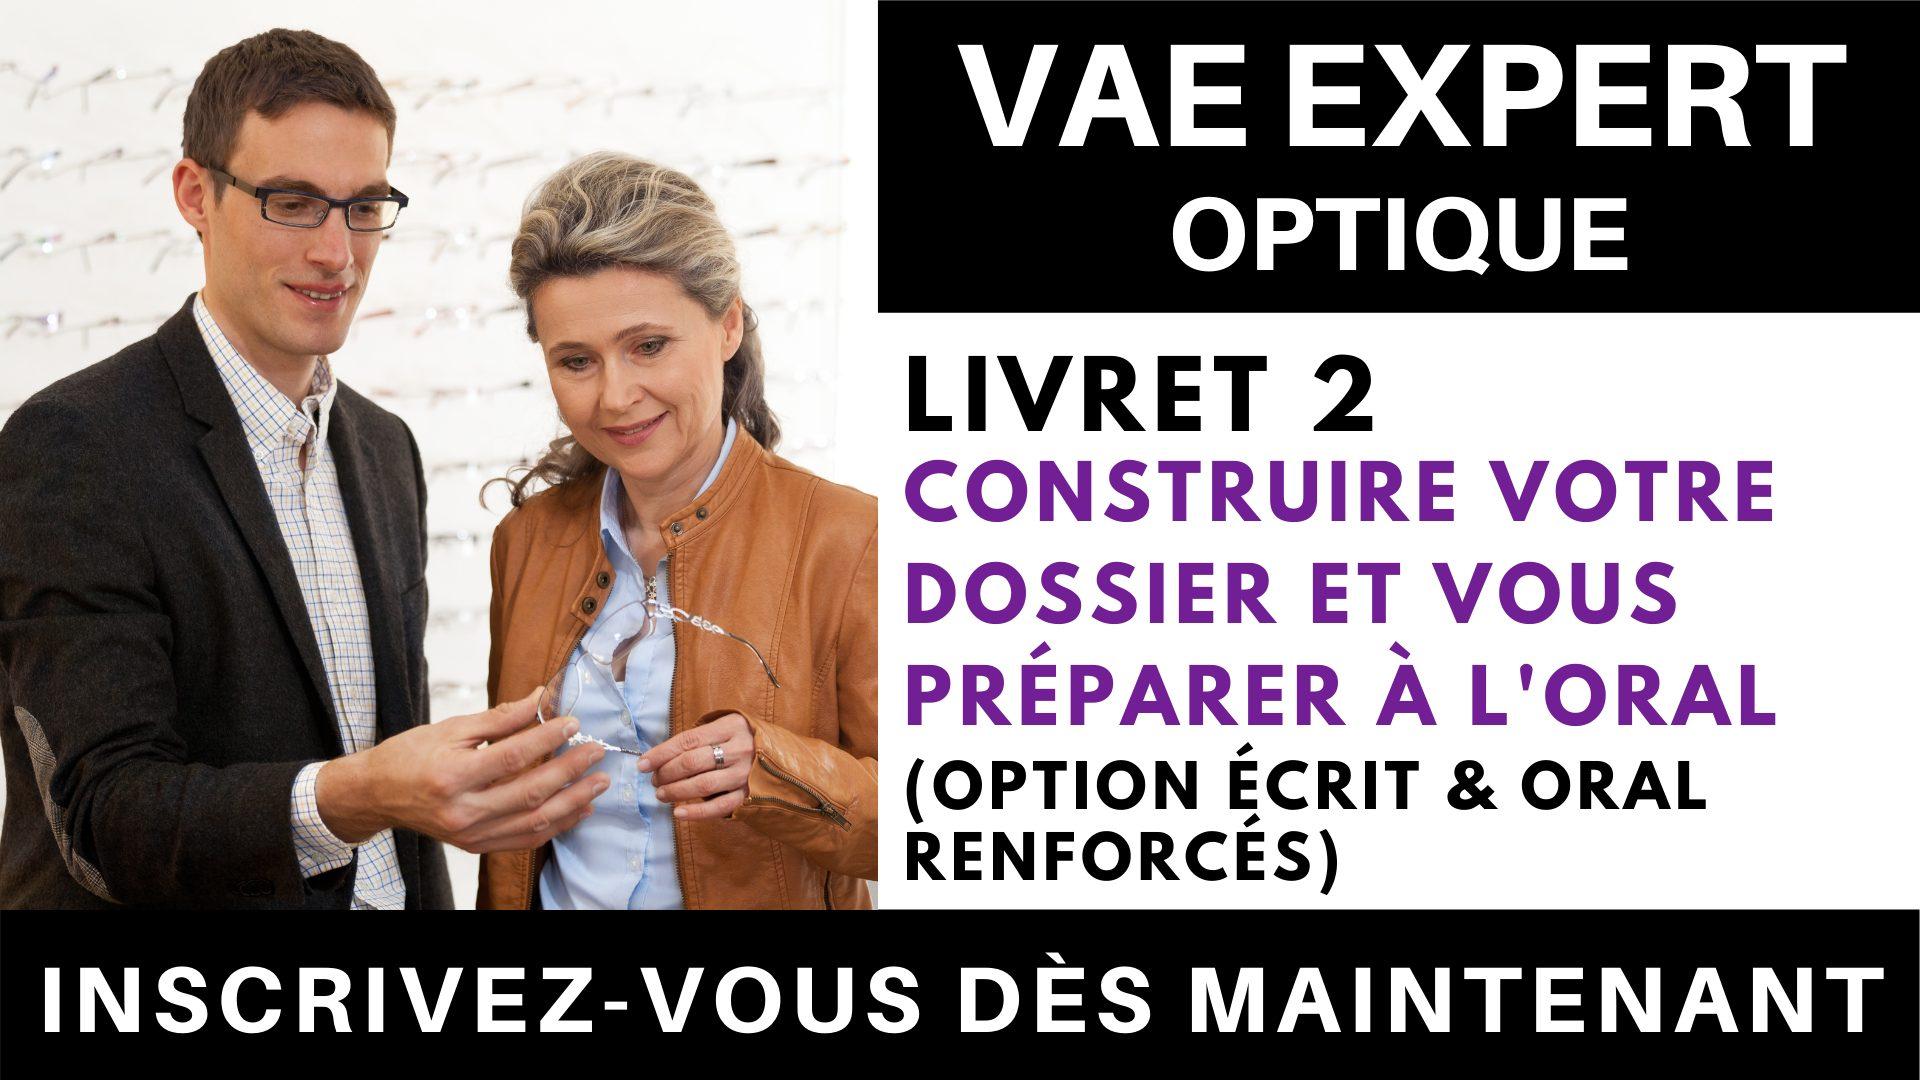 VAE EXPERT OPTIQUE - Livret 2 Construire votre dossier et vous préparer à l'oral + (option écrit & oral renforcés)